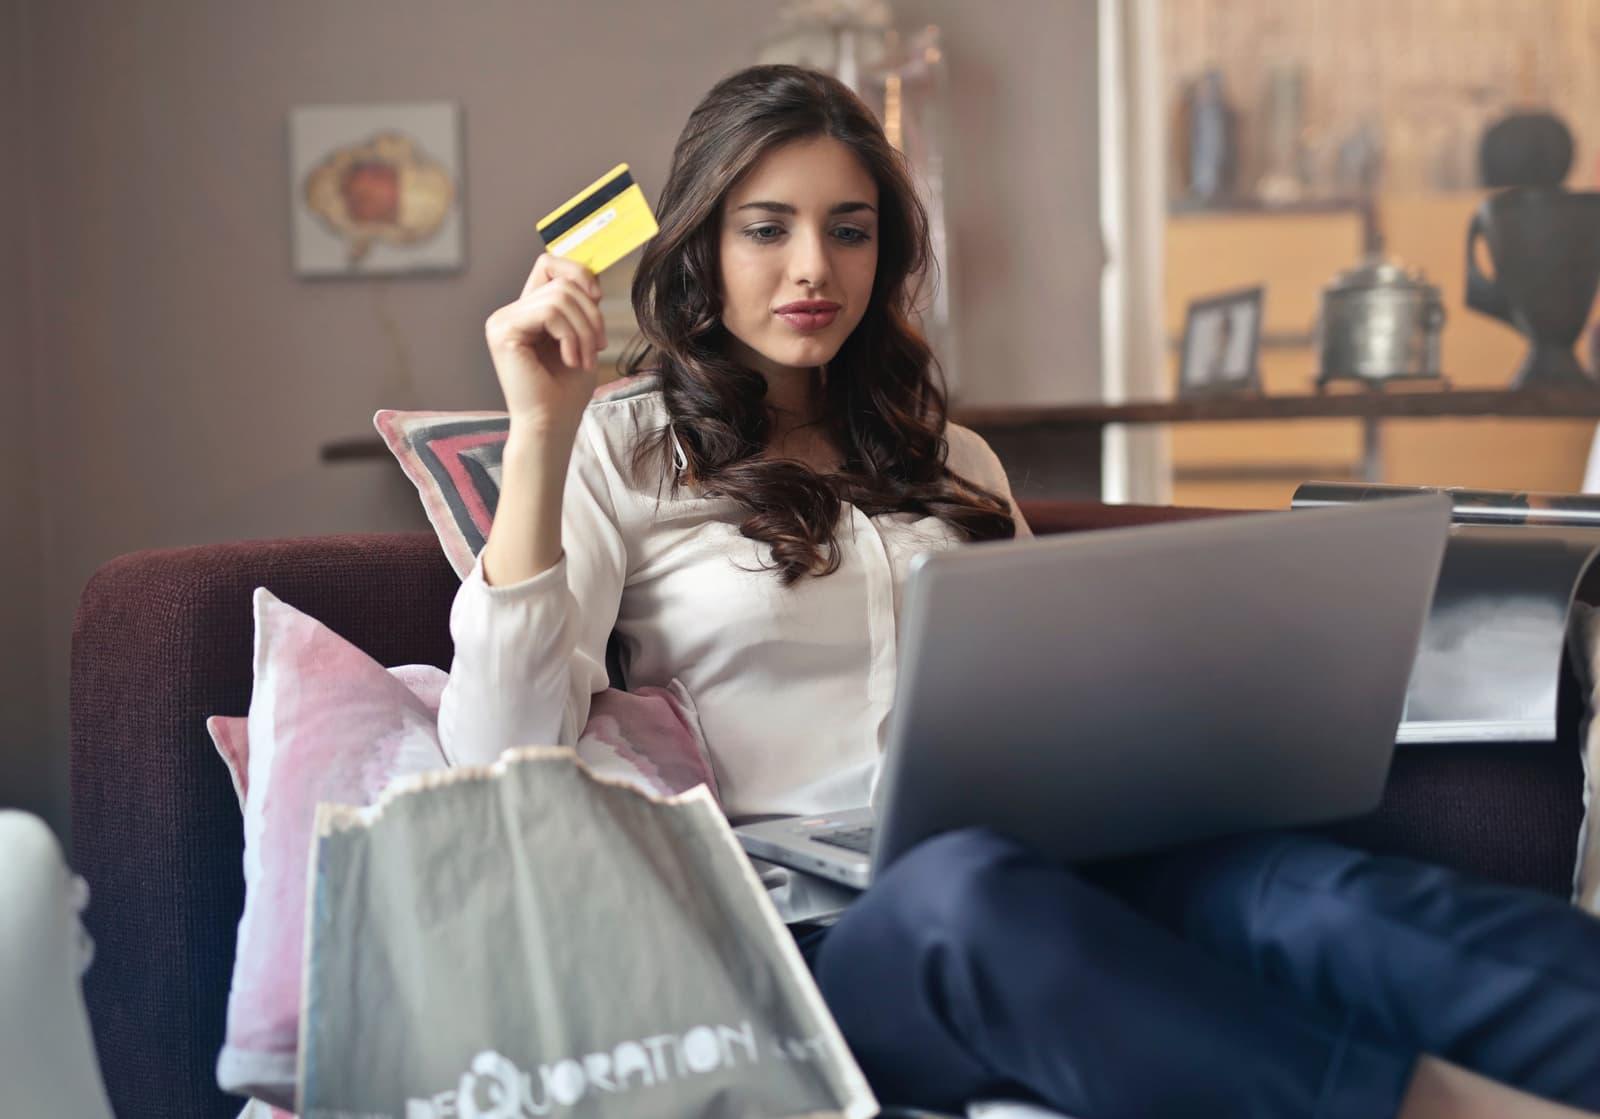 Le digital transforme le rapport entre le consommateur et les marques